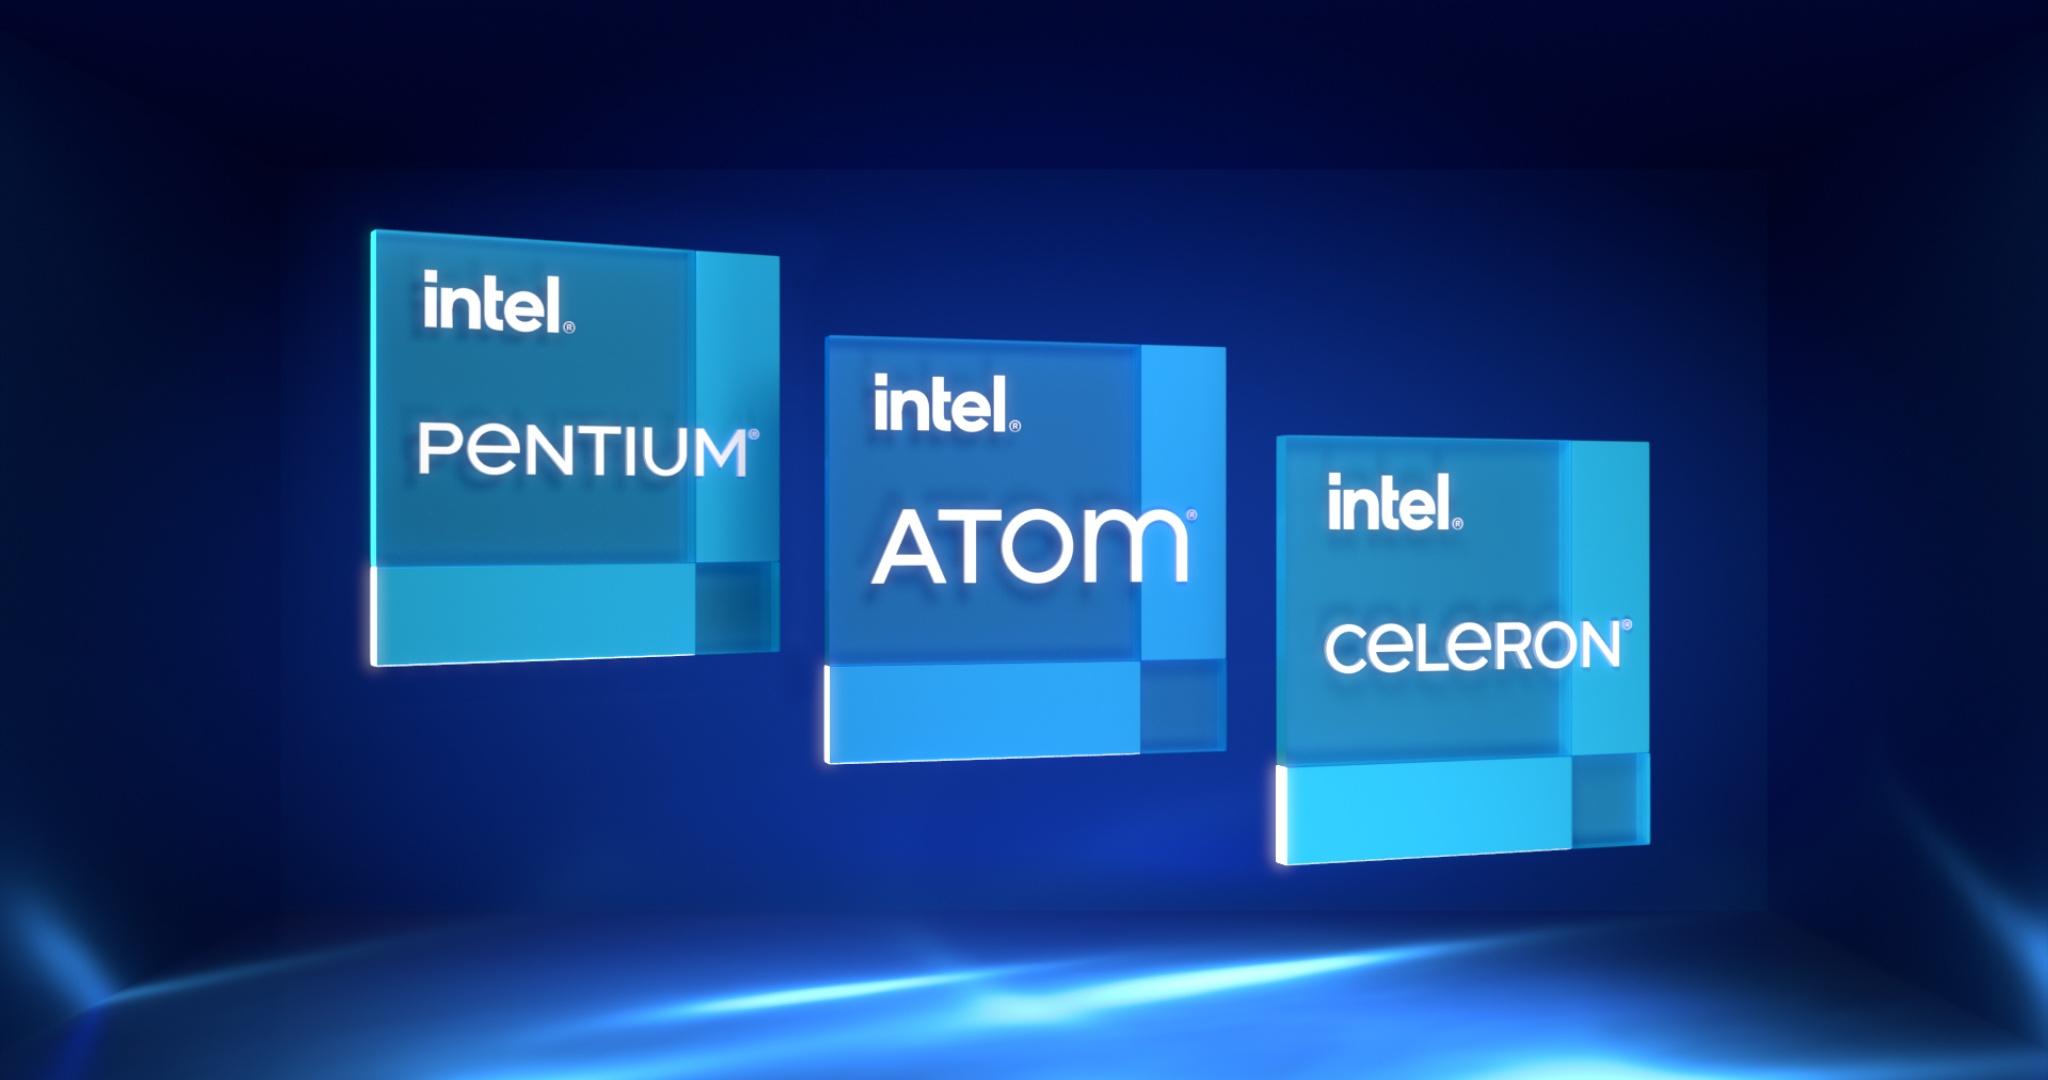 Intel-Atom-Pentium-Celeron-badges